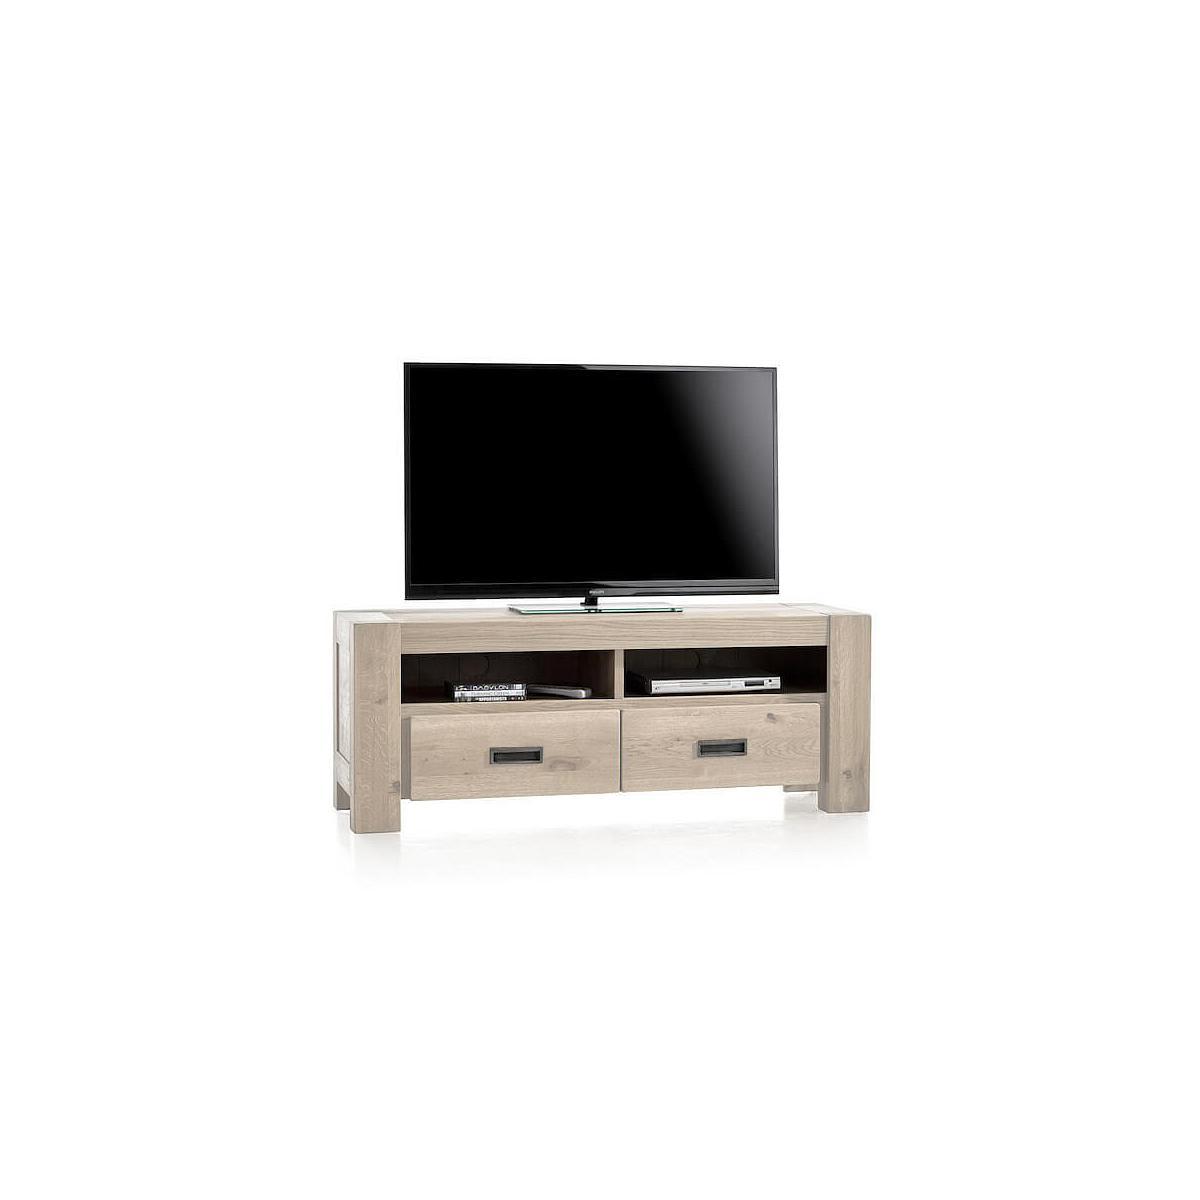 Meubles Henders Et Hazel abitare-living.lu | meuble tv 140cm santorini henders